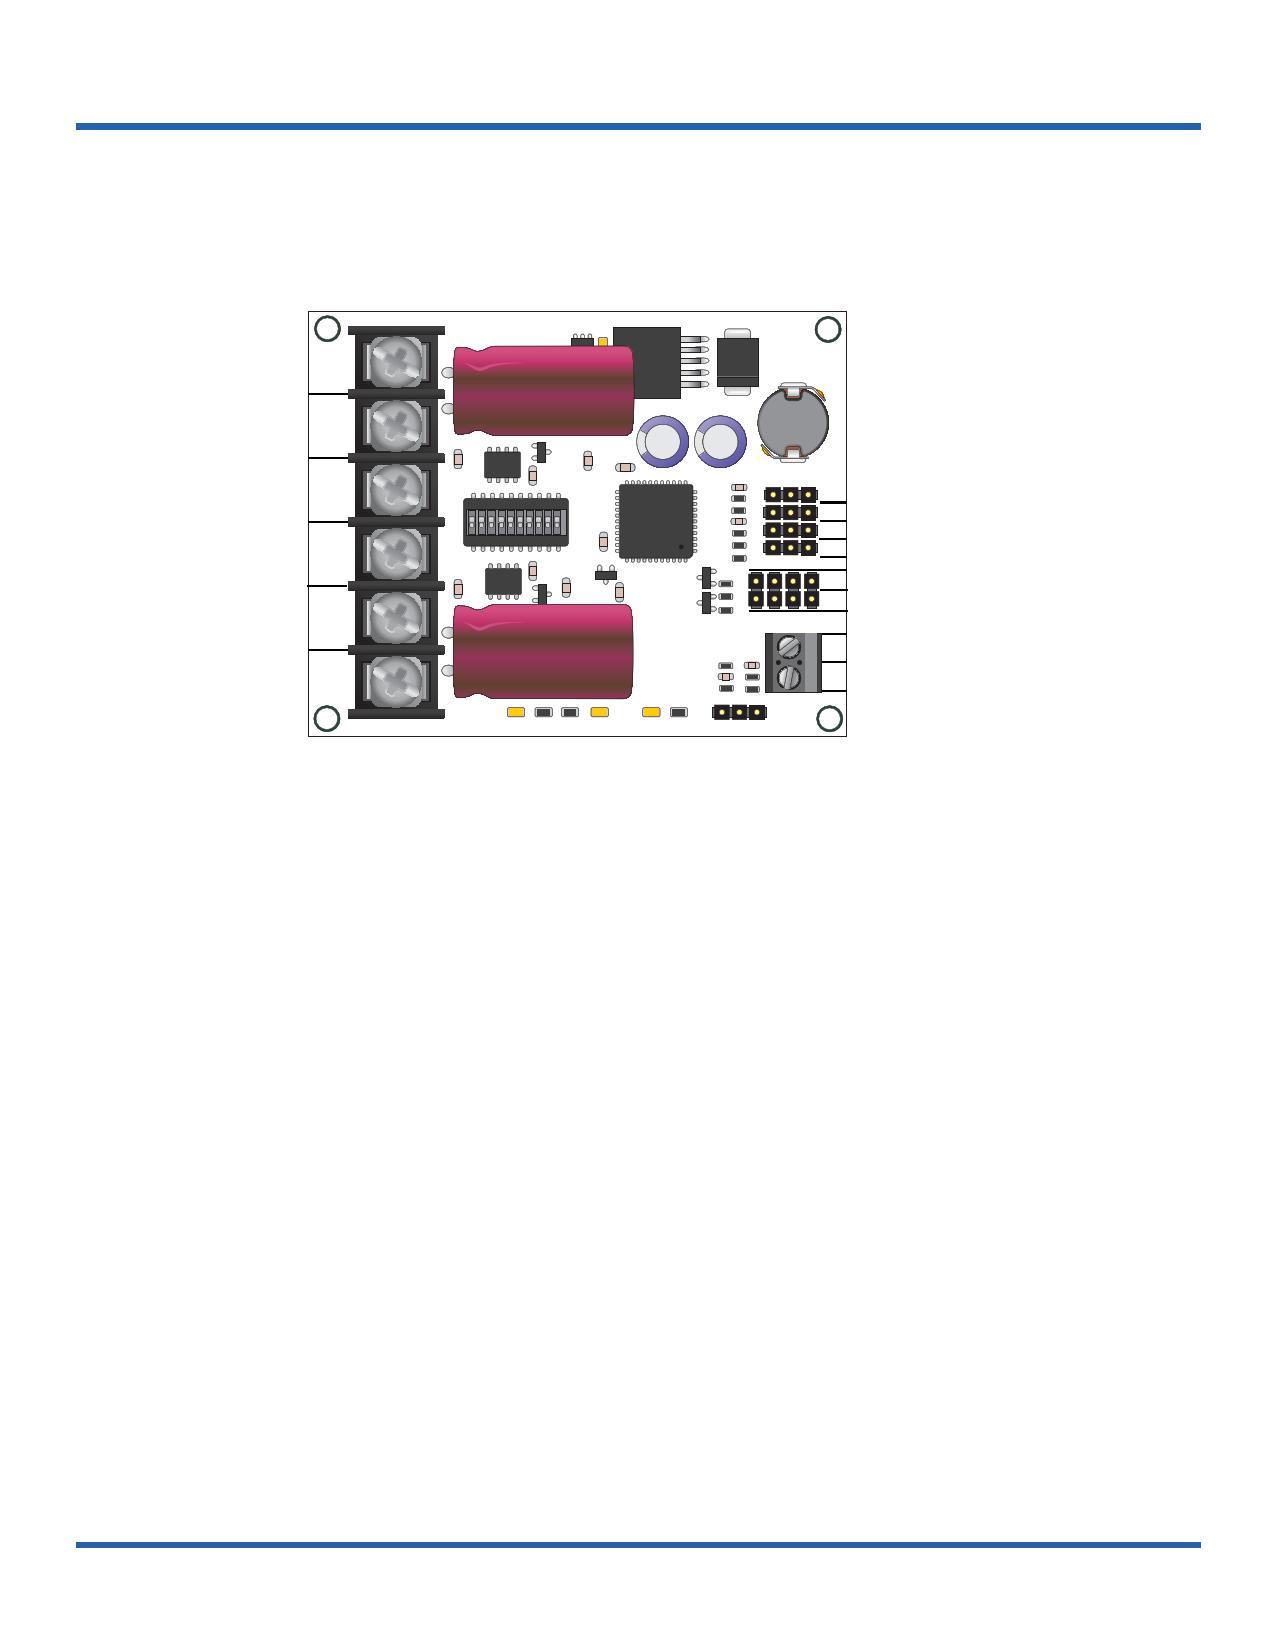 B0097 arduino